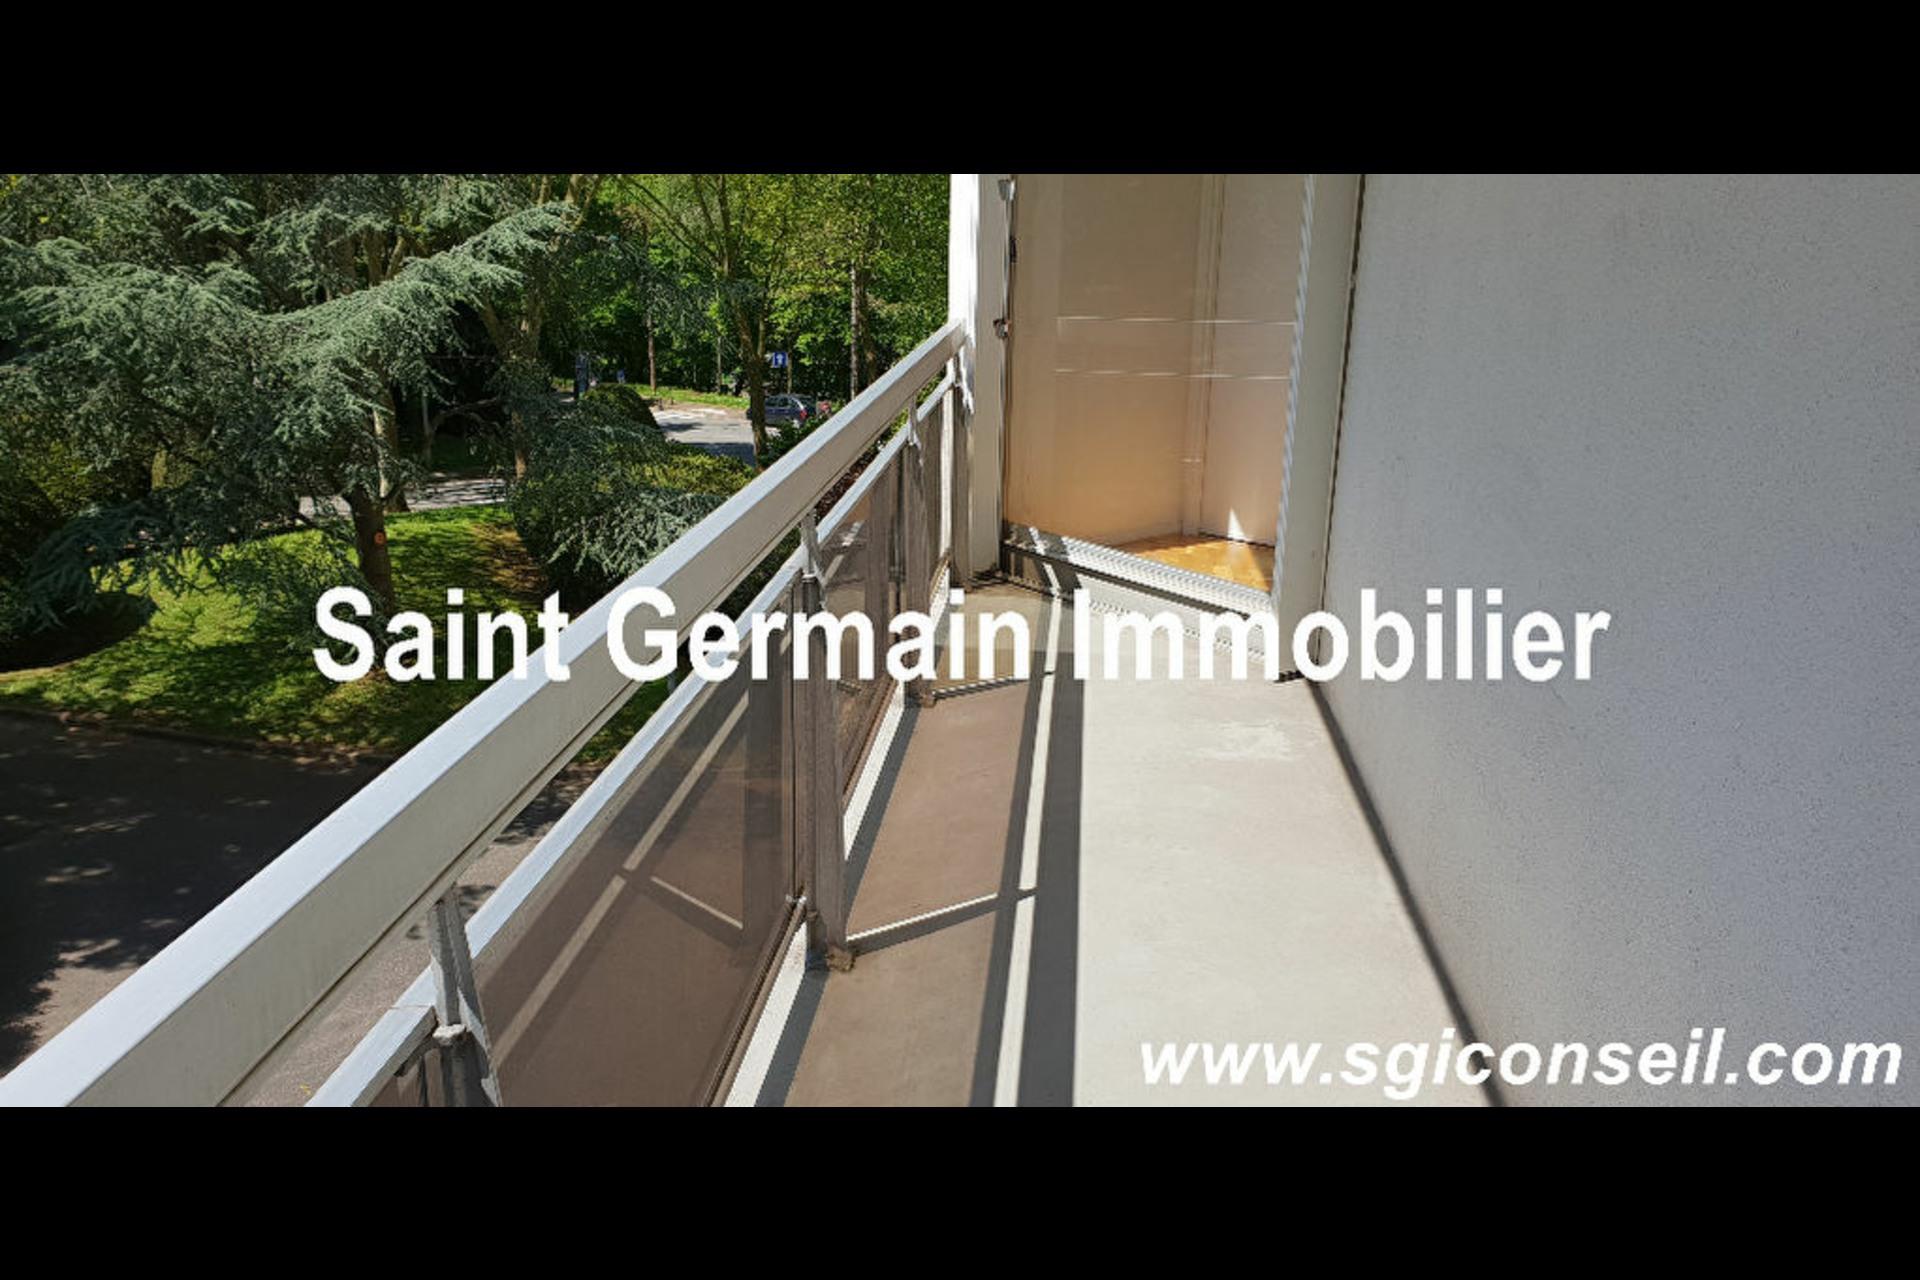 image 5 - Apartment For rent saint germain en laye - 3 rooms